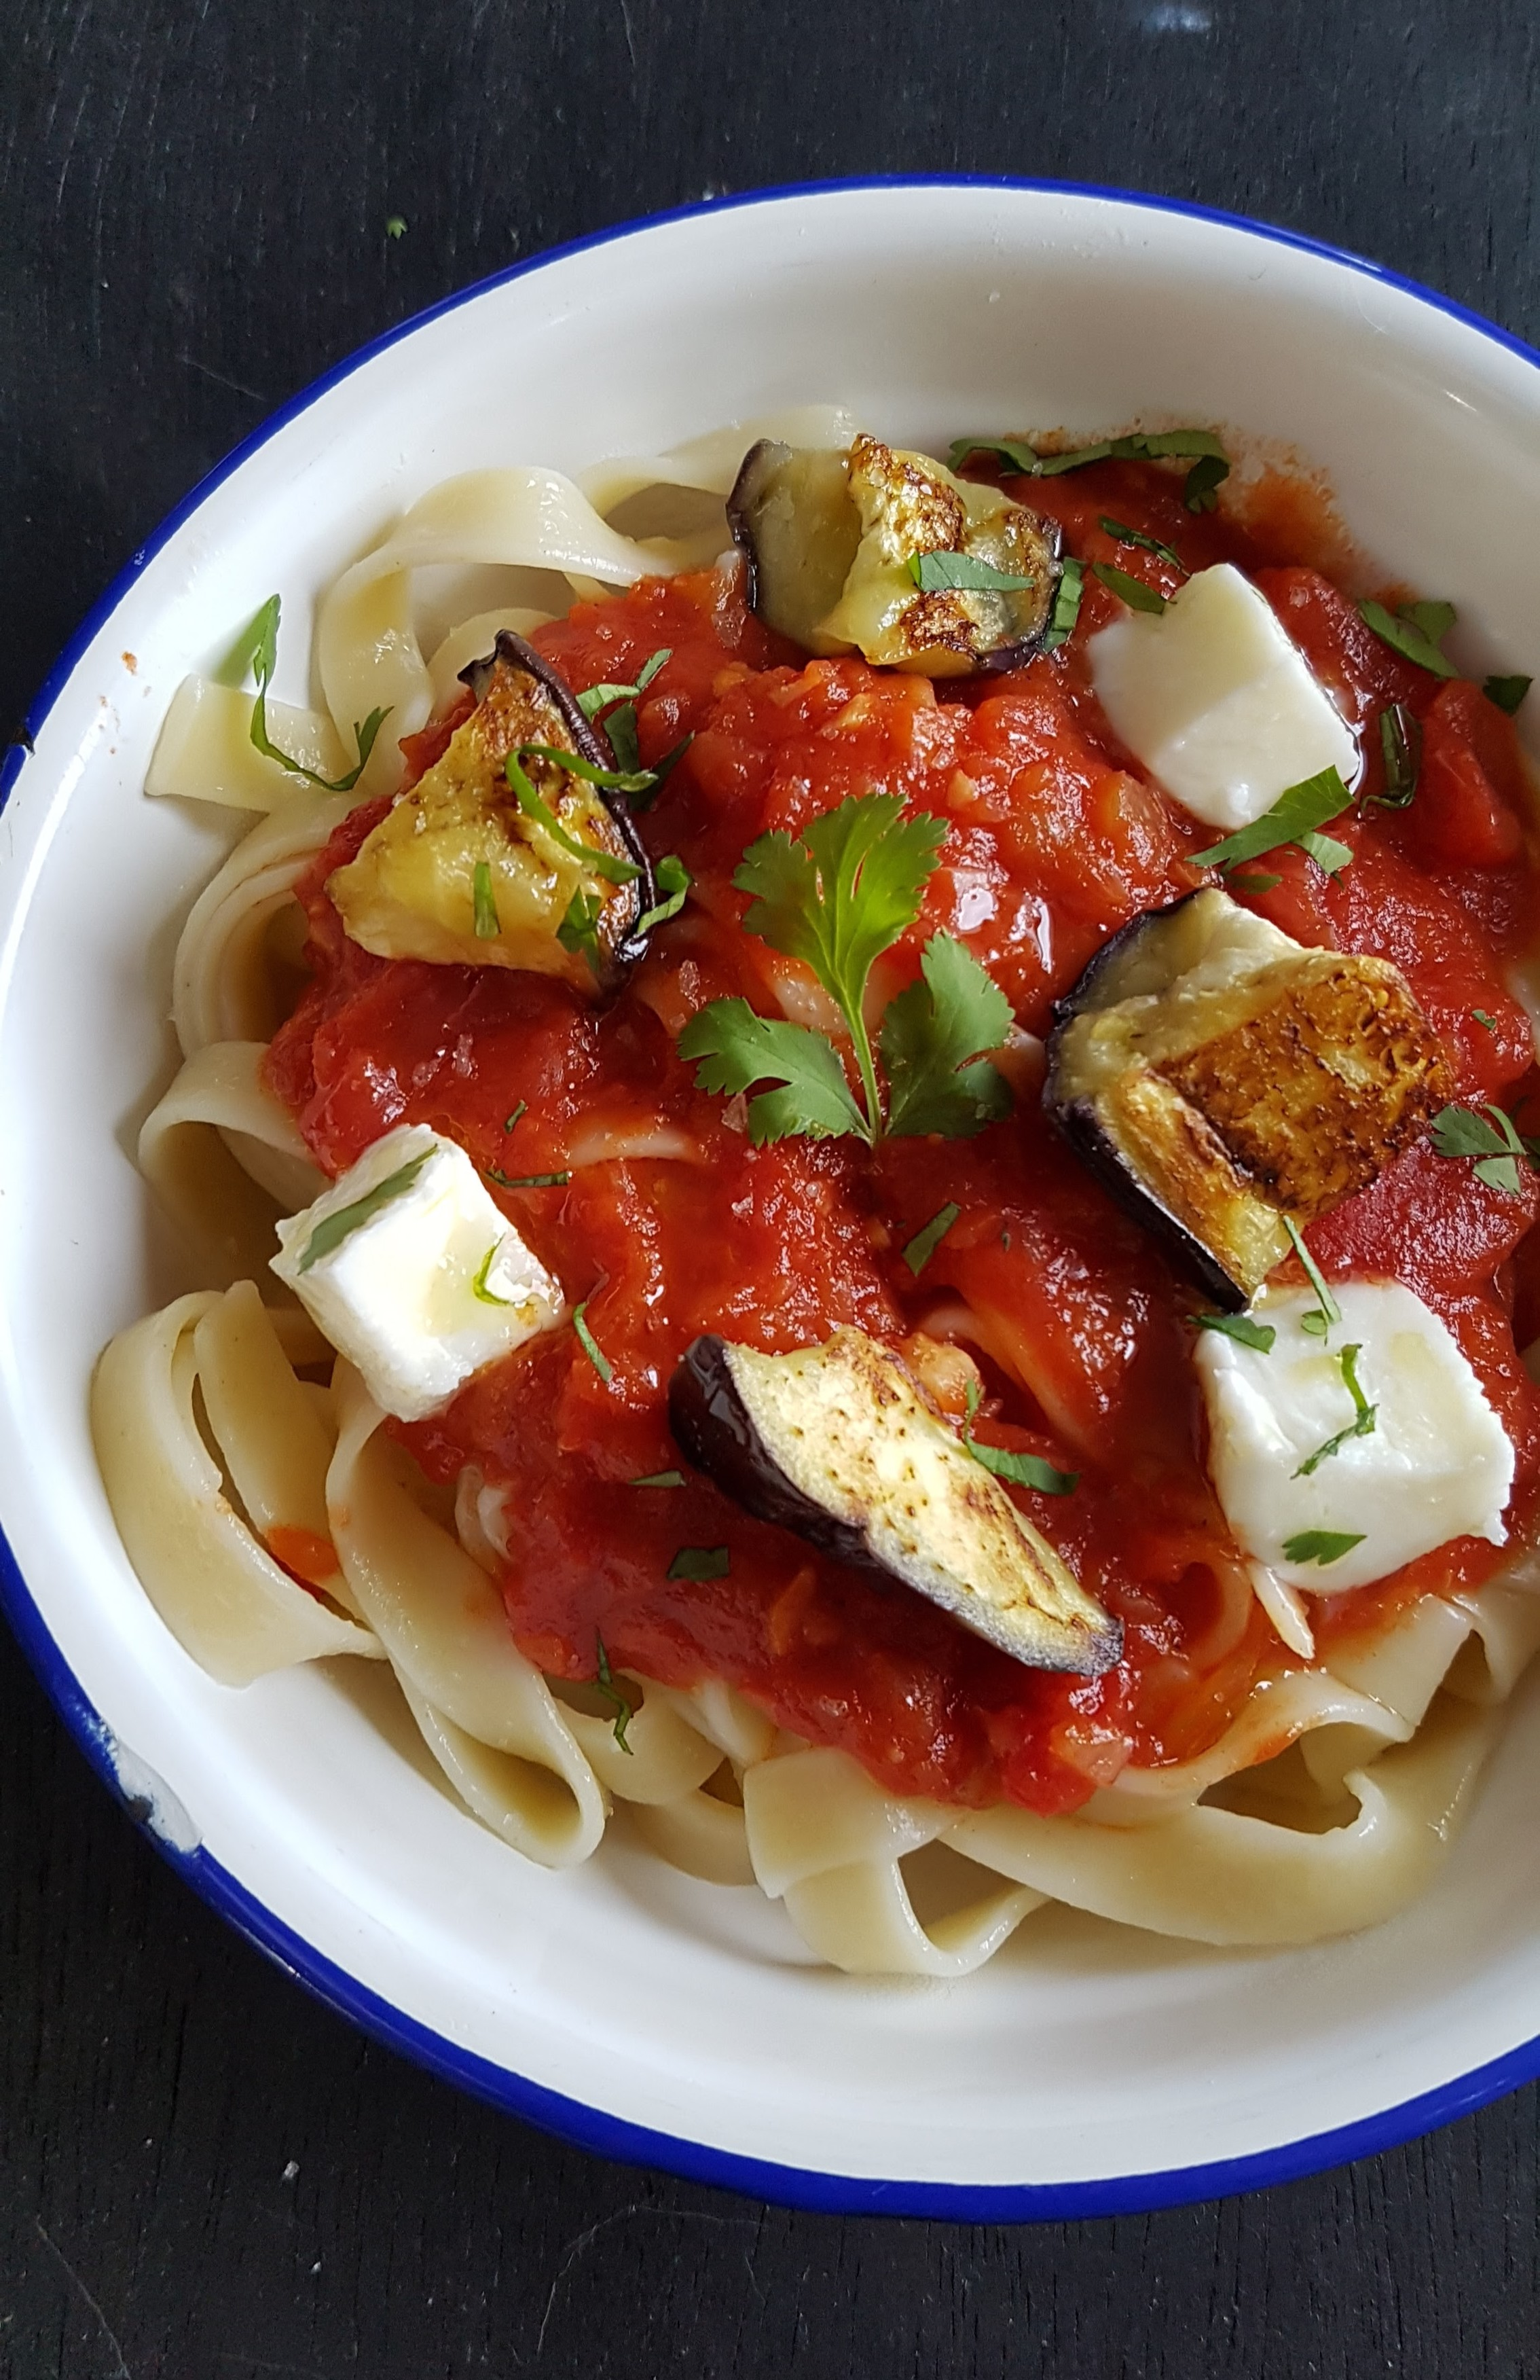 Recette de p tes sauce tomate et aubergines grill es - Recette aubergine grillee ...